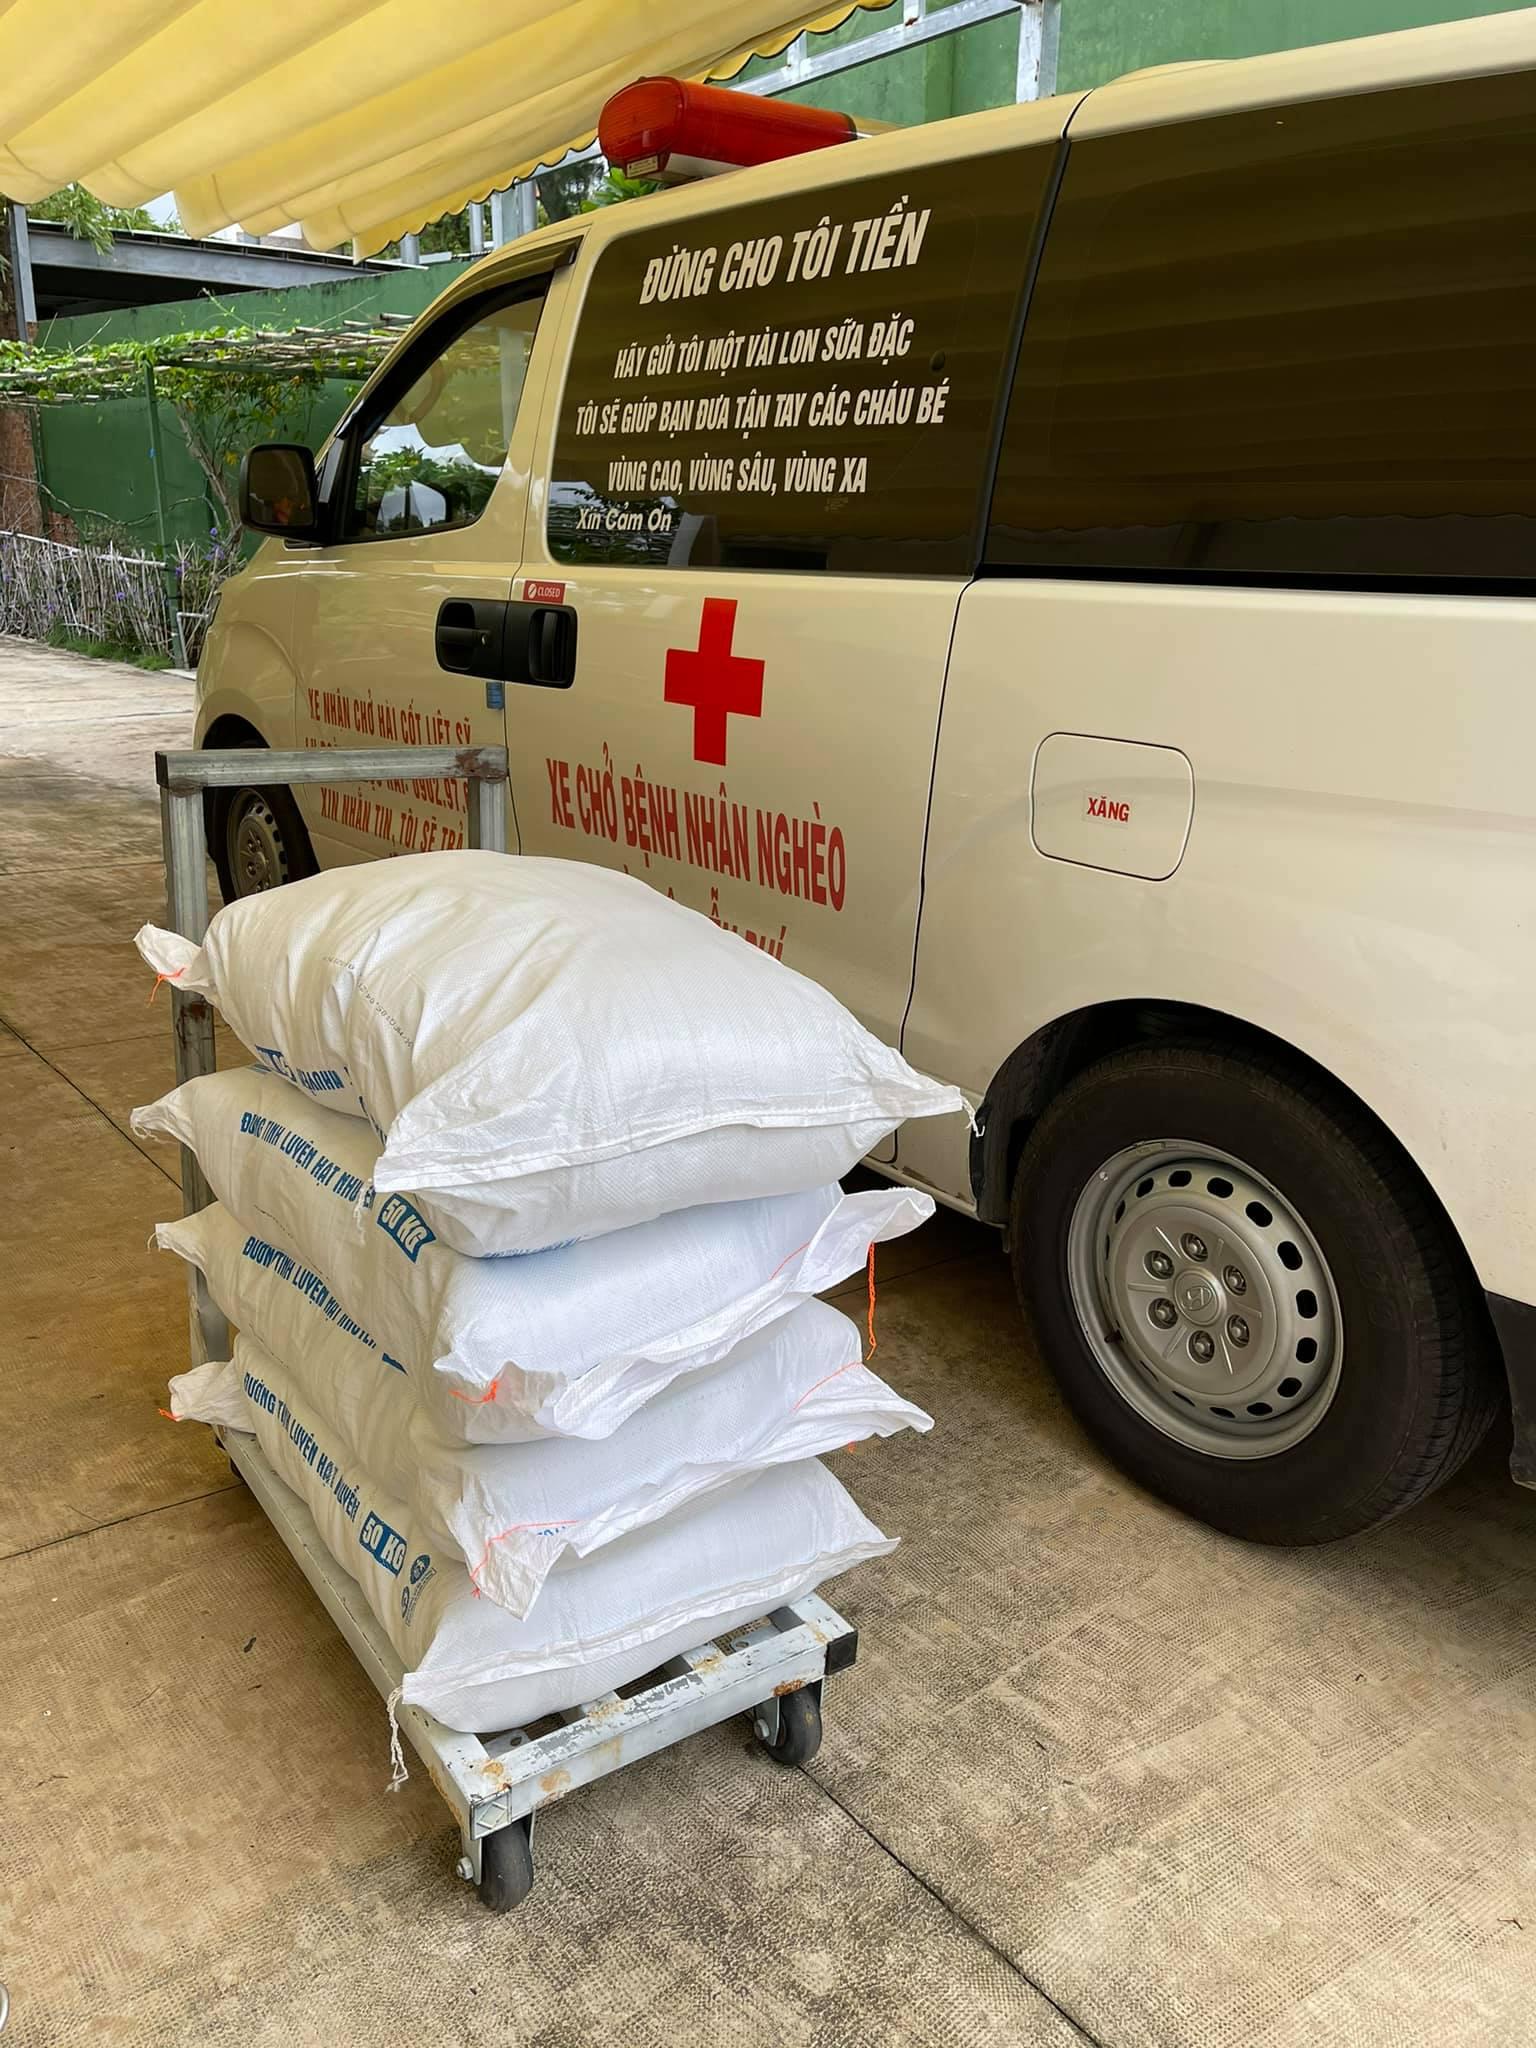 Ông Đoàn Ngọc Hải đem tặng chiếc xe cứu thương, kêu gọi quyên góp 3 tỷ để vượt qua đại dịch Covid-19 6